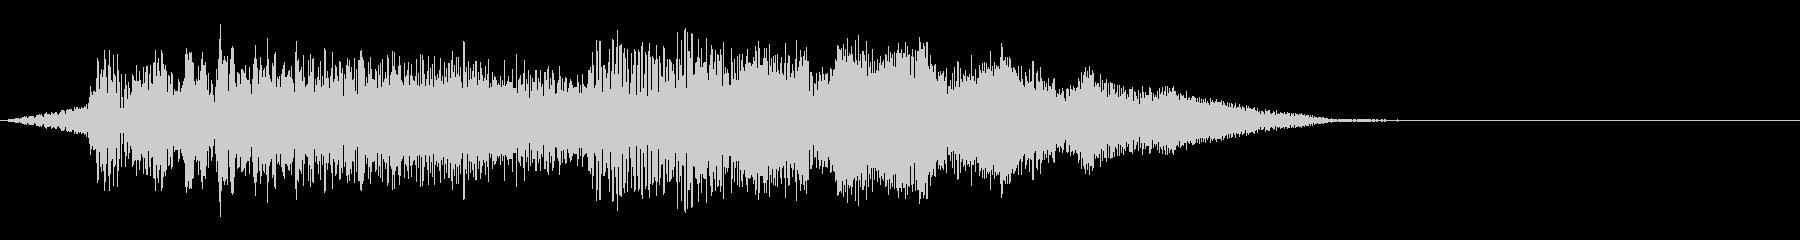 ソフトパックシンセアクセントとグーグル5の未再生の波形